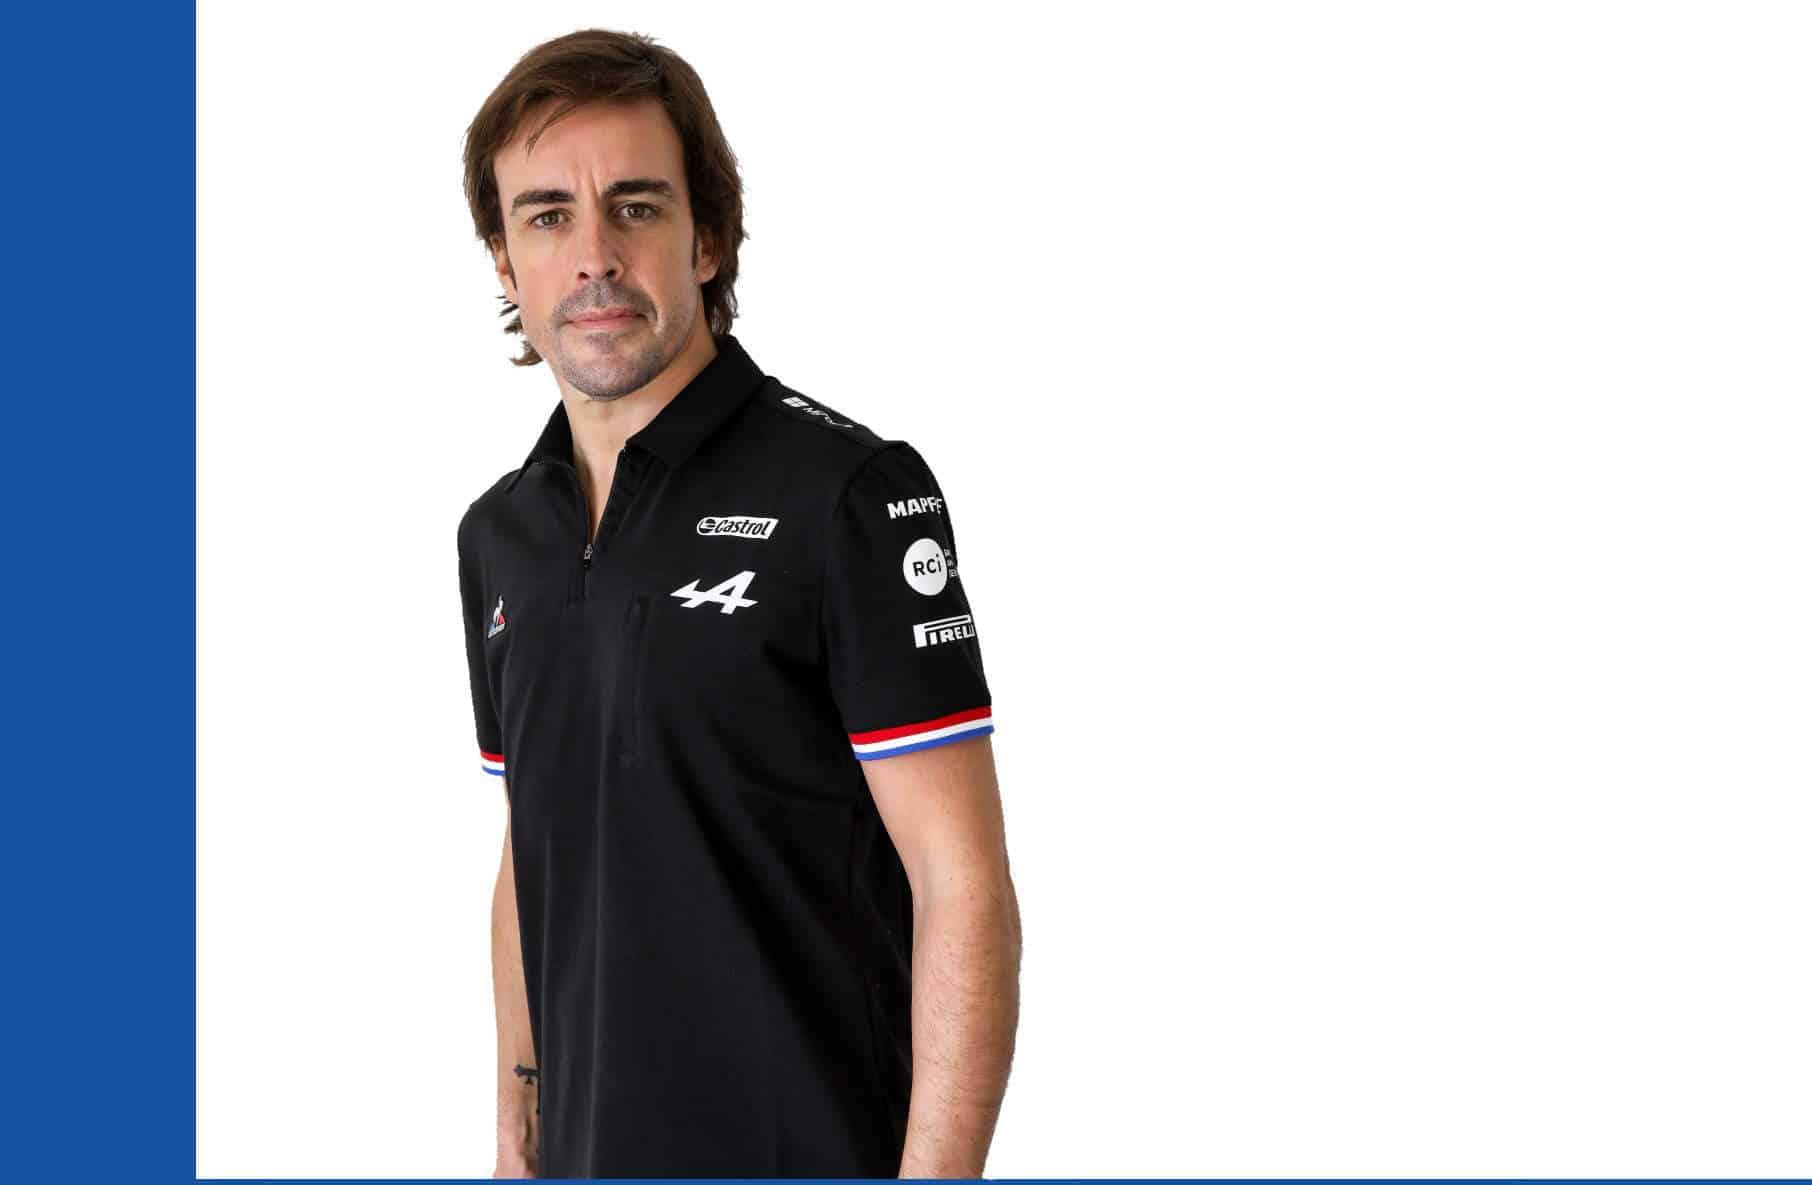 Fernando Alonso 2021 F1 Alpine studio photo Edited by MAXF1net Photo by Alpine Renault